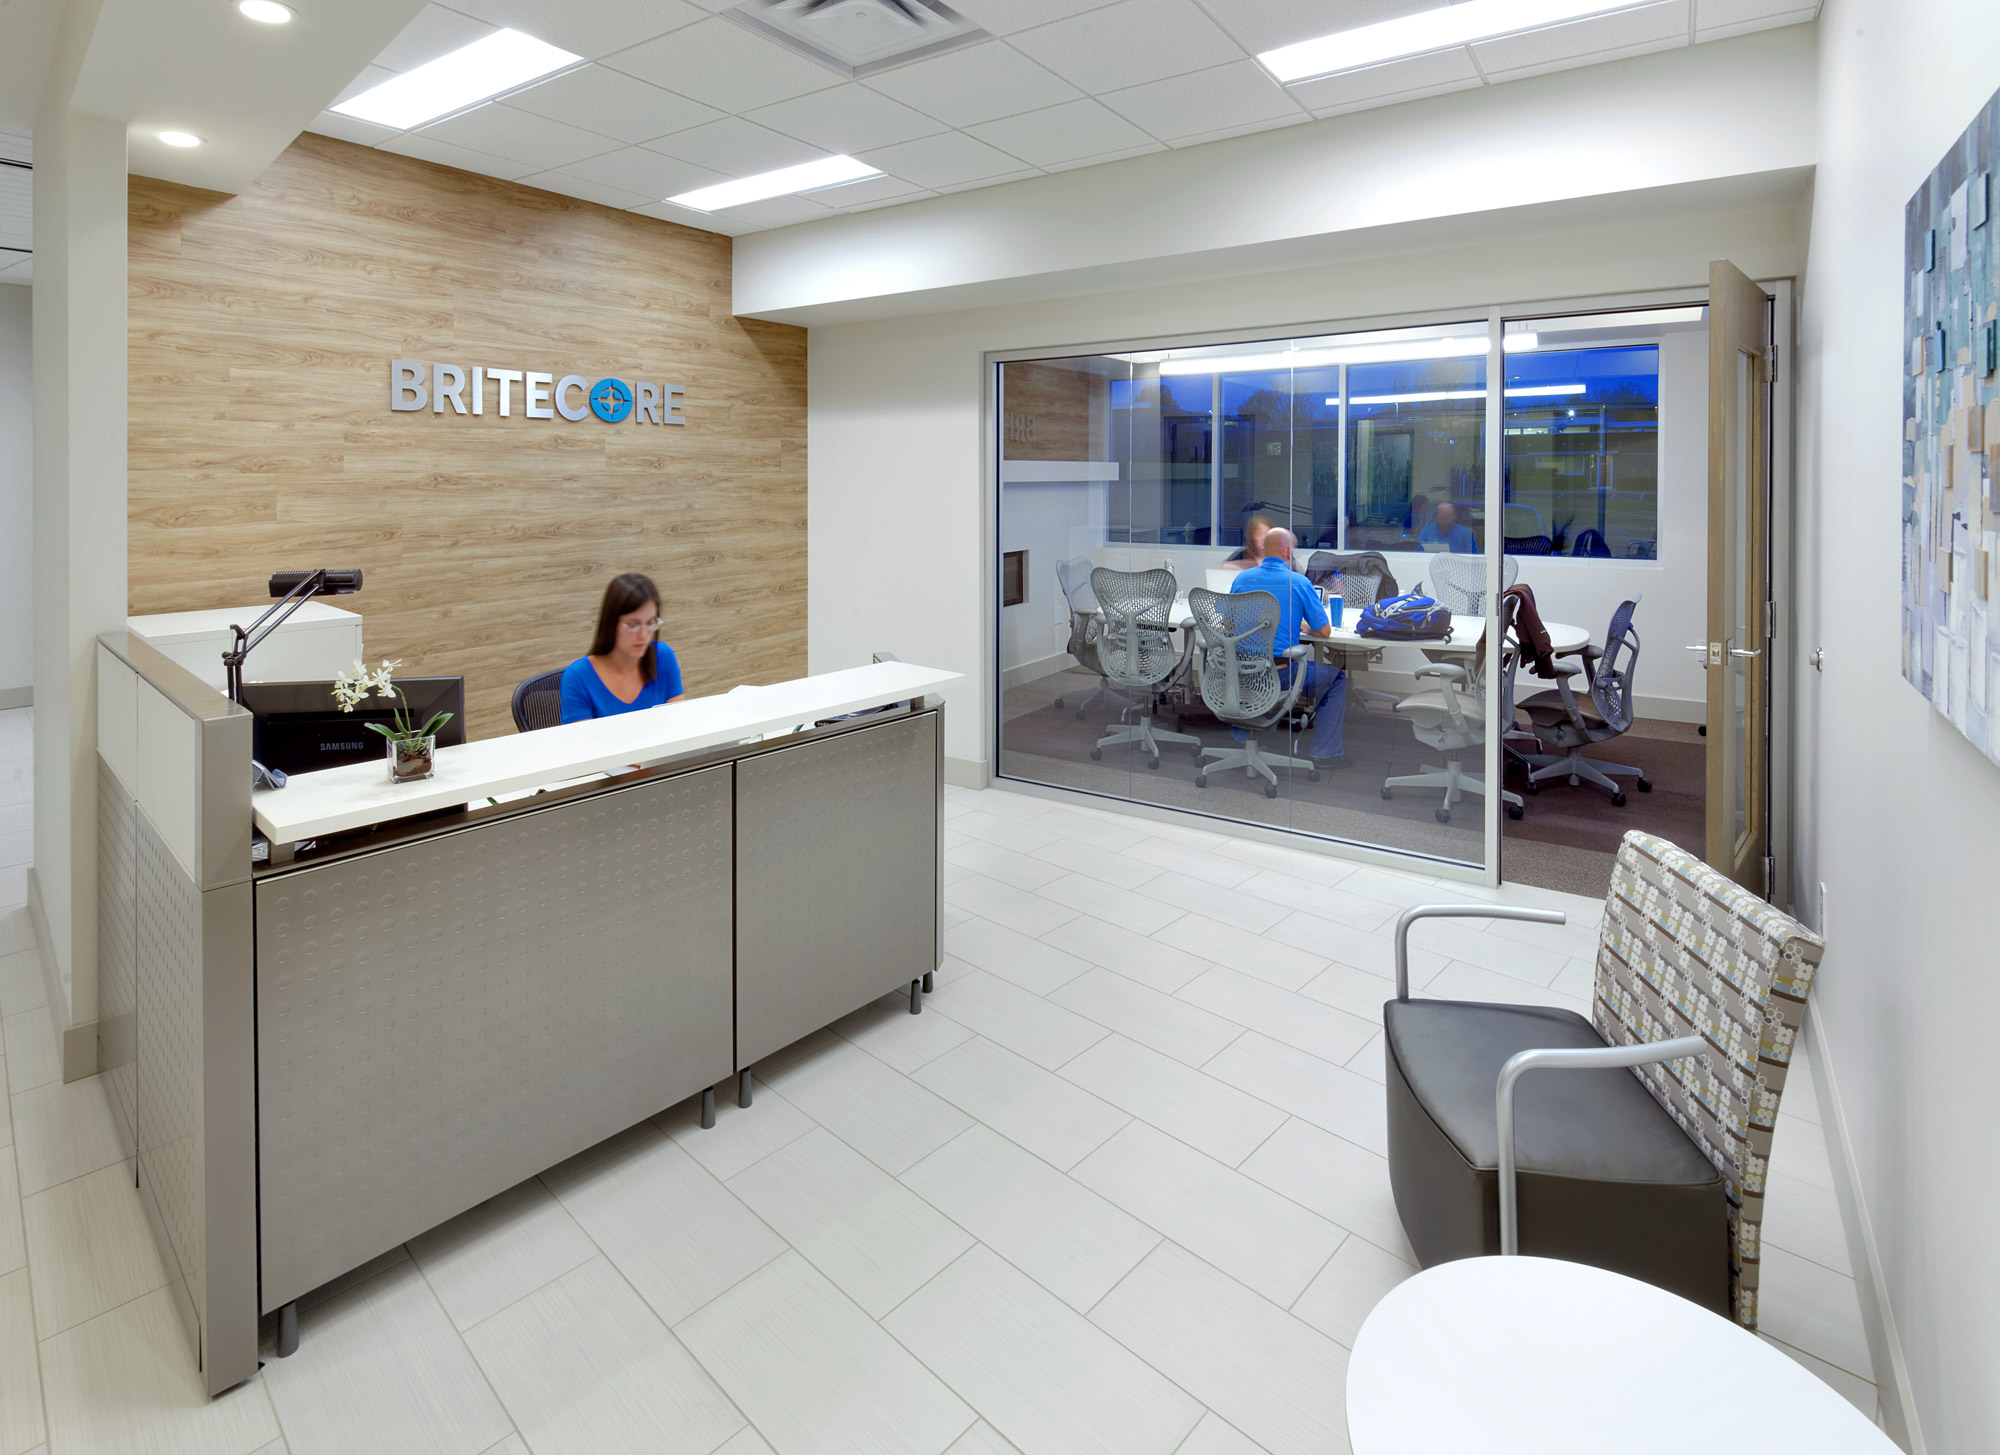 Britecore-H-Design-Interior-01.jpg